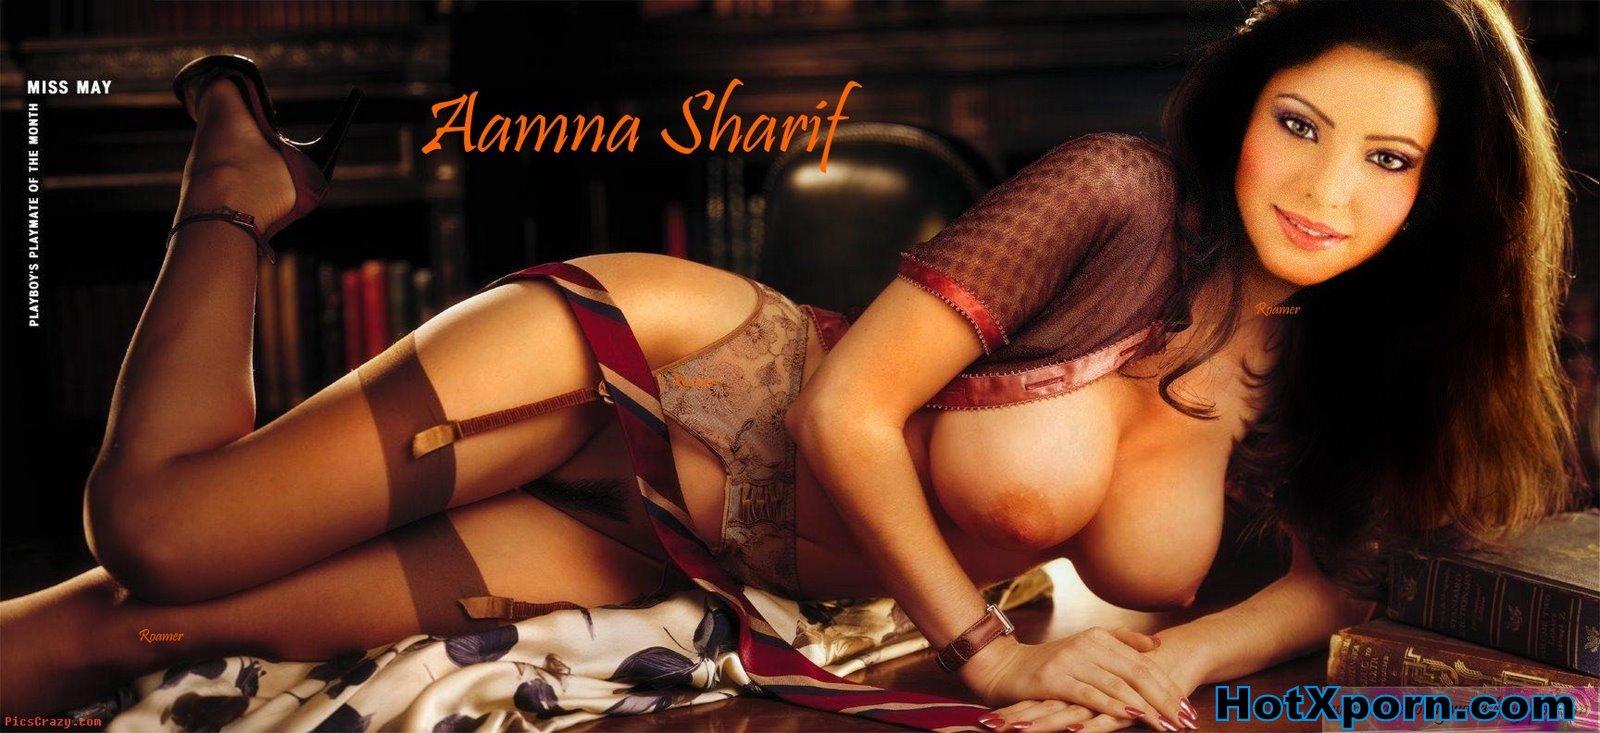 aamna sharif sex